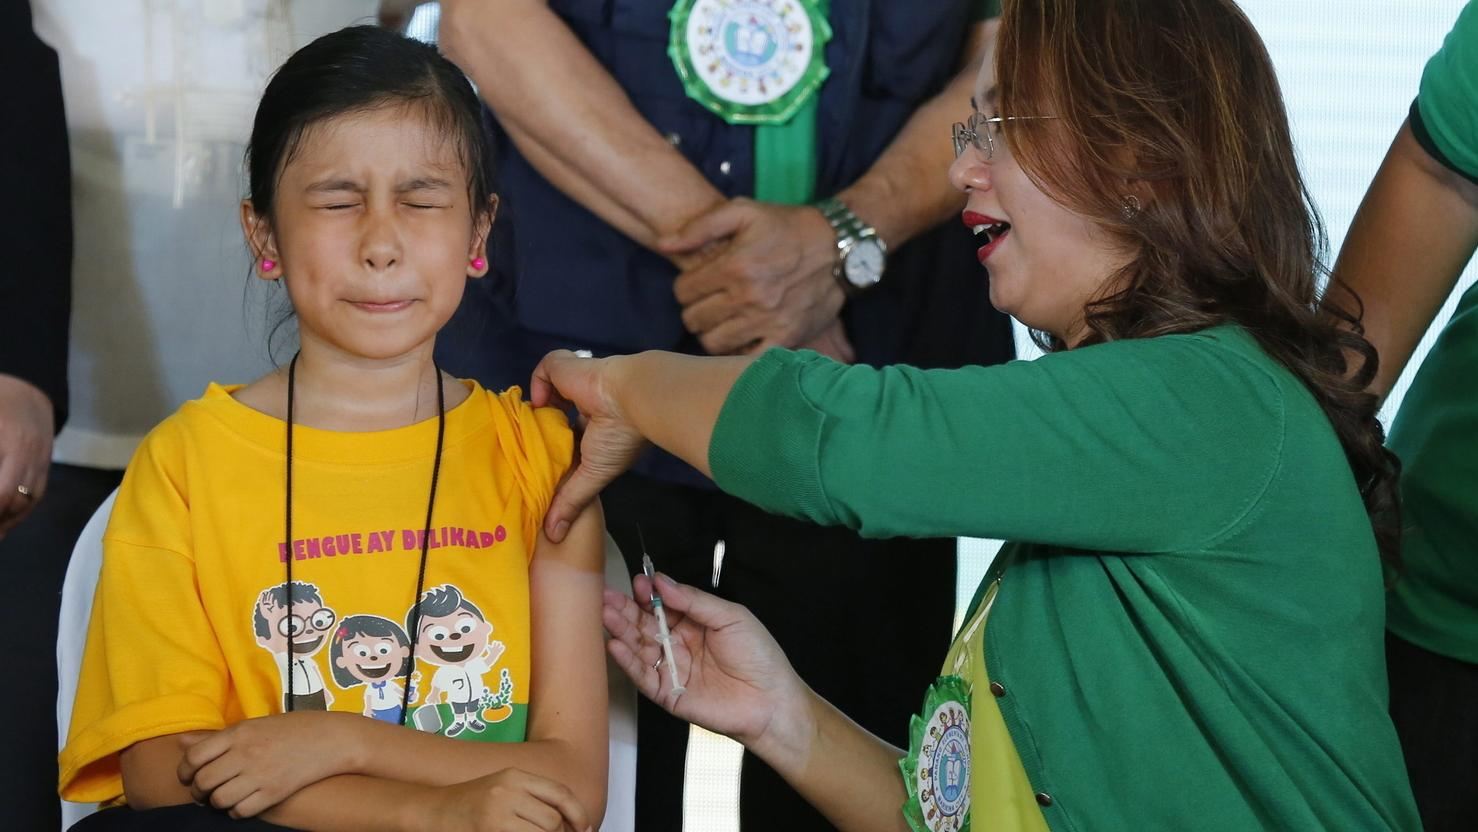 Philippinen, Manila: Die damalige philippinische Gesundheitsministerin Janette Garin (r) impft ein Mädchen gegen die Tropenkrankheit Denguefieber.